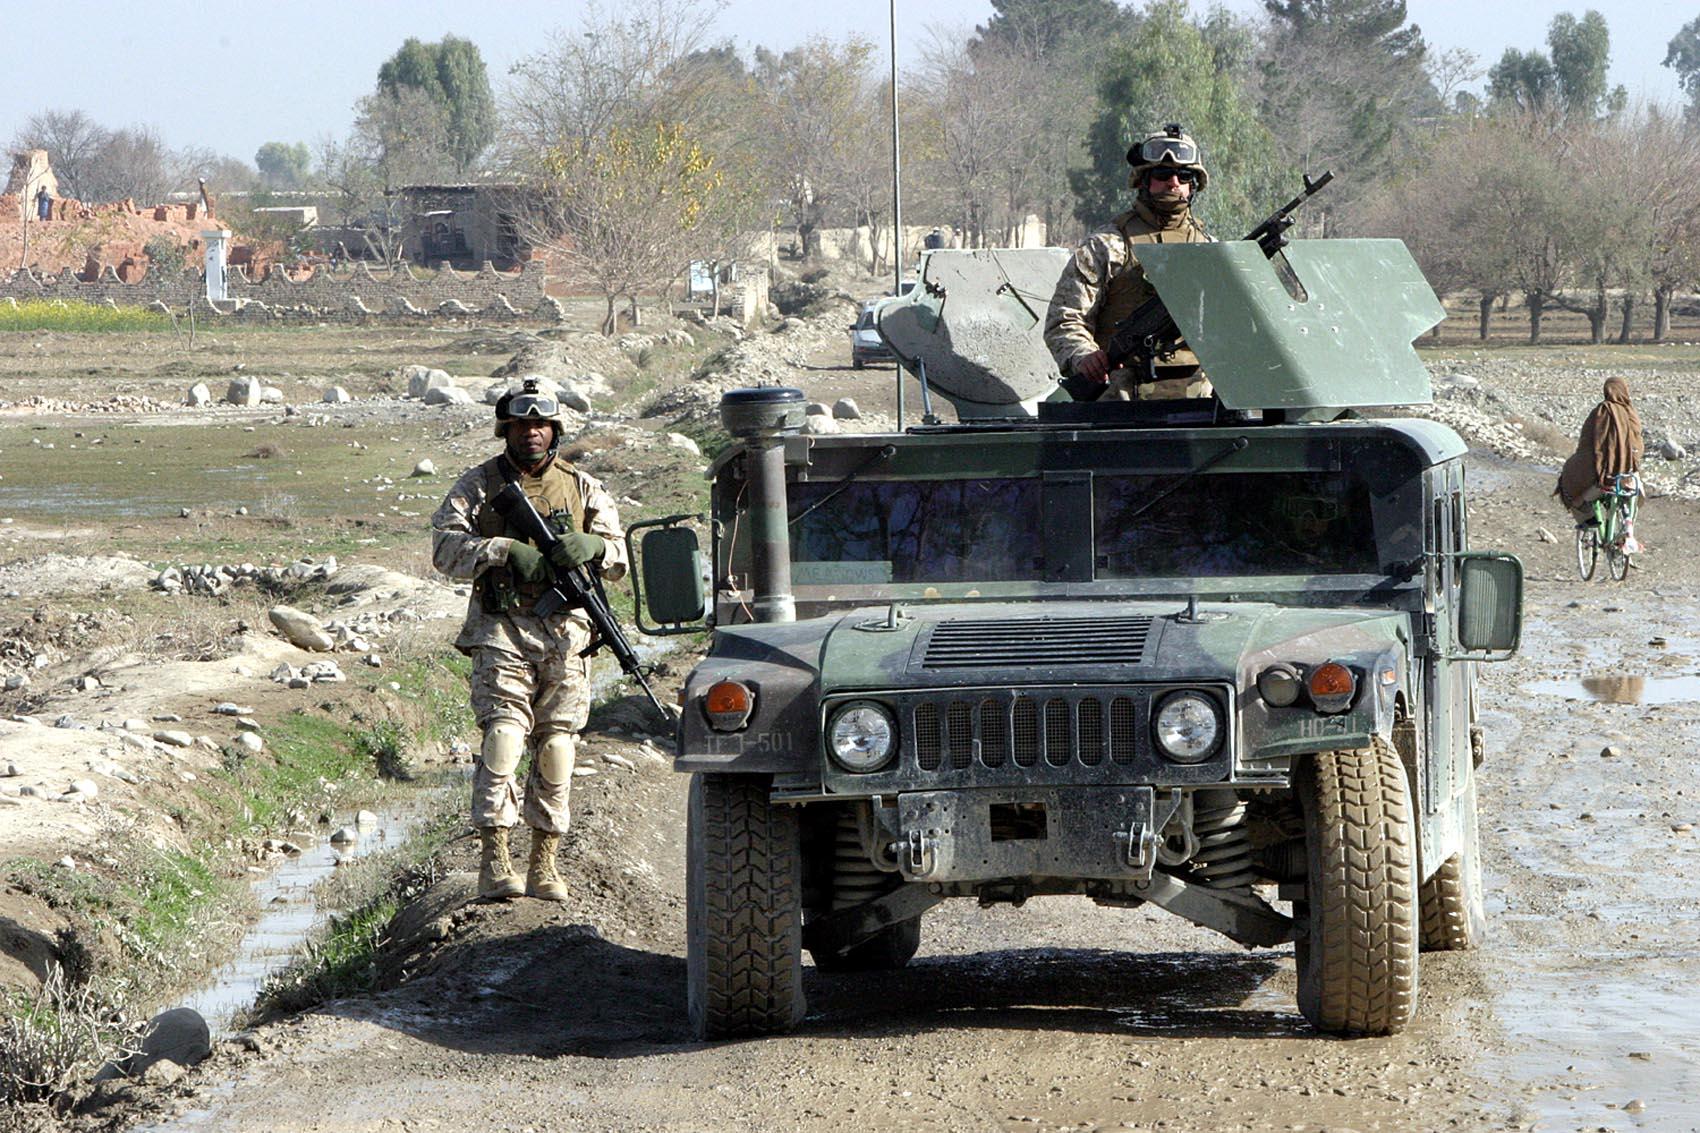 Operation Enduring Freedom (OEF)